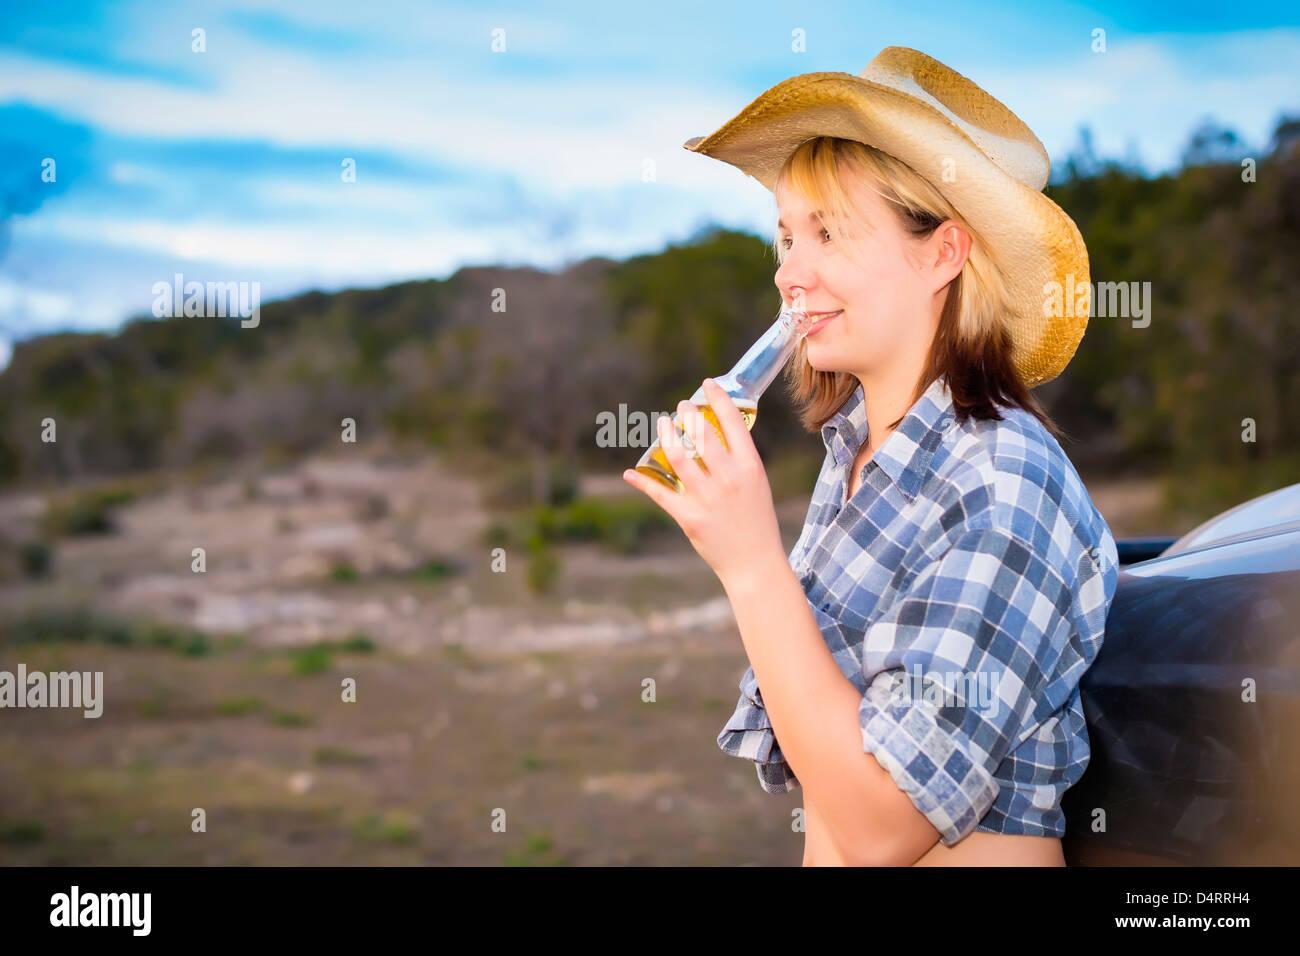 Portrait de country girl holding bouteille de bière, 19 femmes de race blanche, Texas, États-Unis Photo Stock